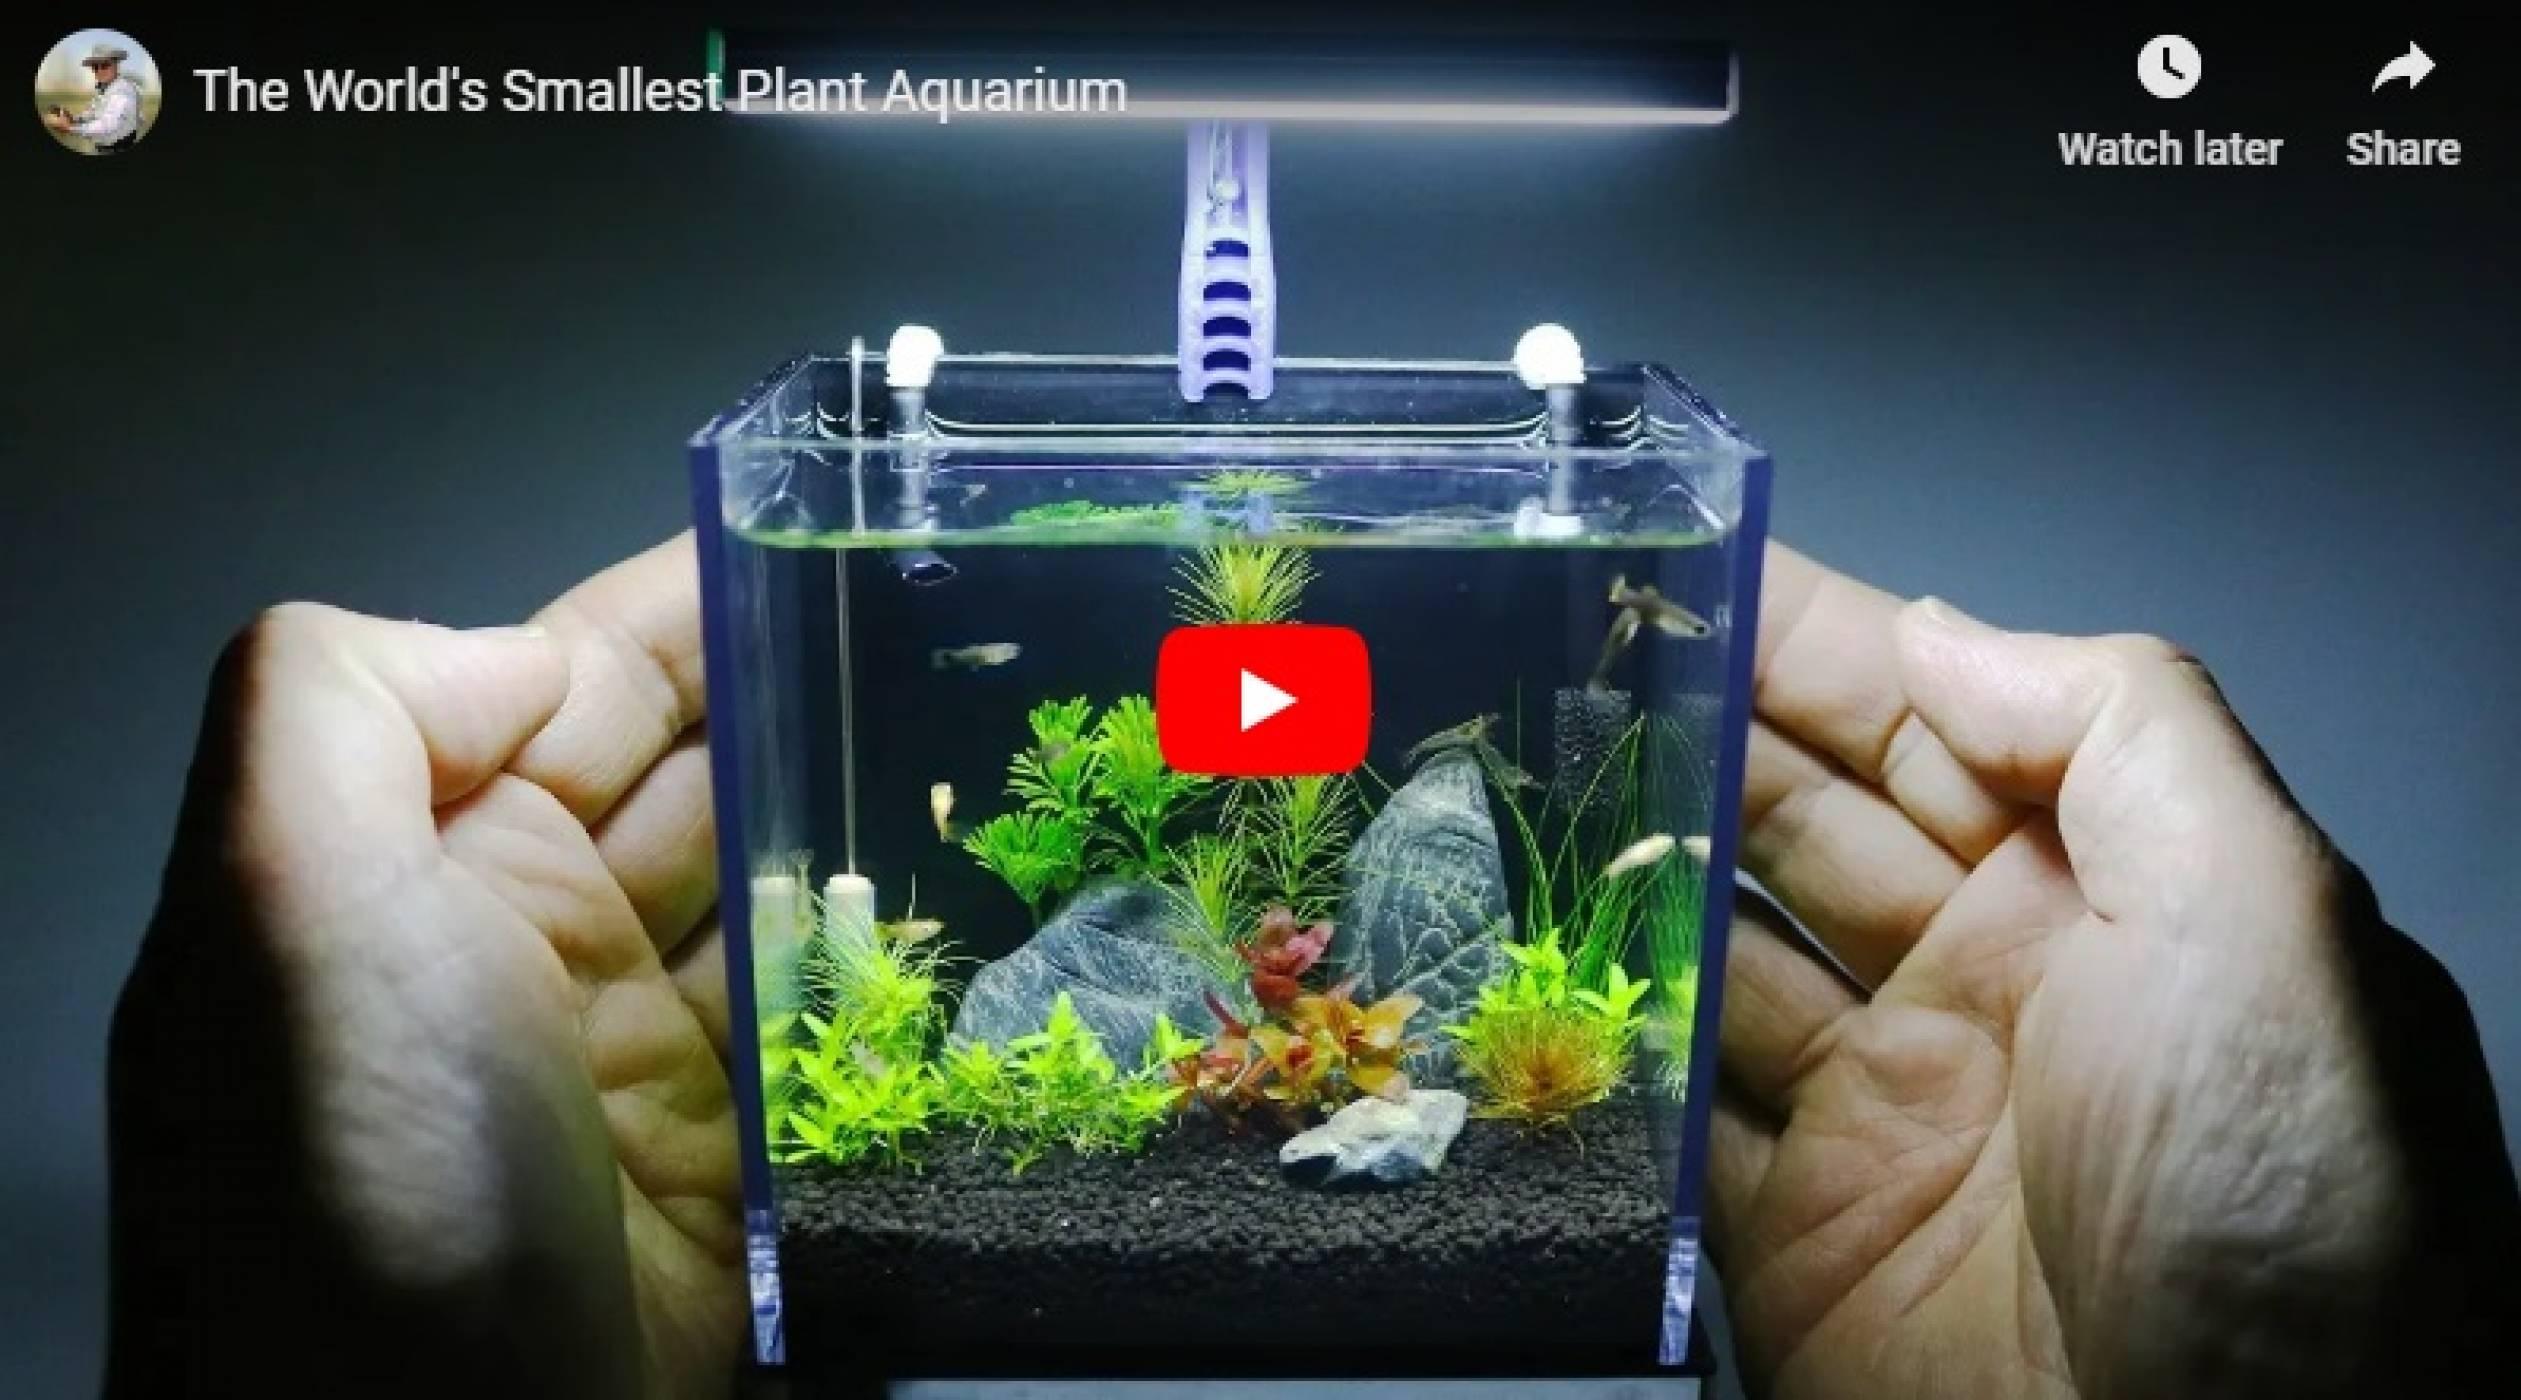 Кутия на GoPro оживява като най-симпатичния аквариум (ВИДЕО)